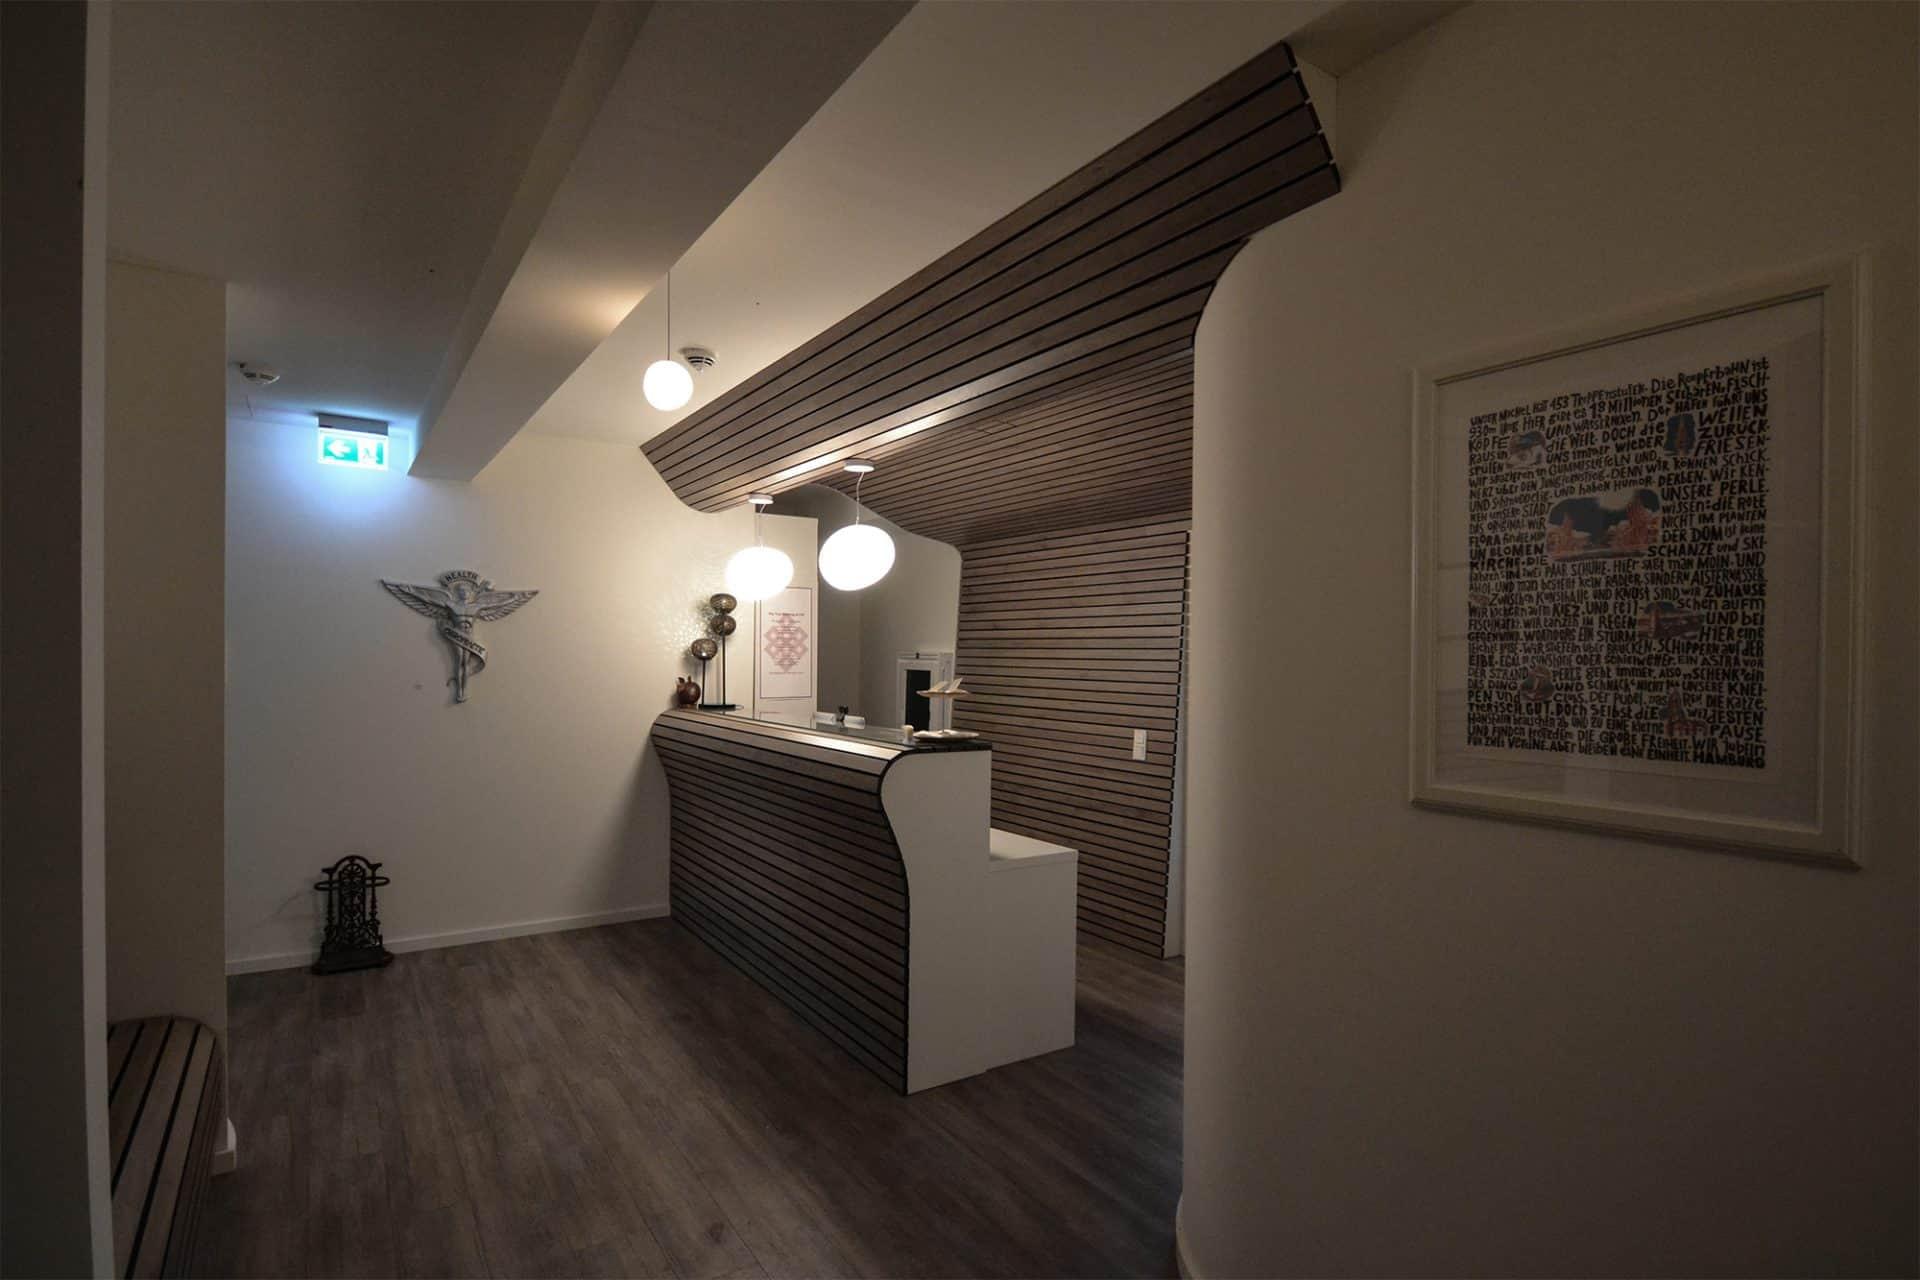 Arztpraxis-Design Empfangsbereich und Tresen in der Chiropractic West von Chiropractor Corinna Haack im ästhetischen Spa Design mit geschwungenen Wänden und geschwungenen Möbeln und Produkt-Design mit dunklen Holz-Lamellen zum Wohlbefinden der Kunden